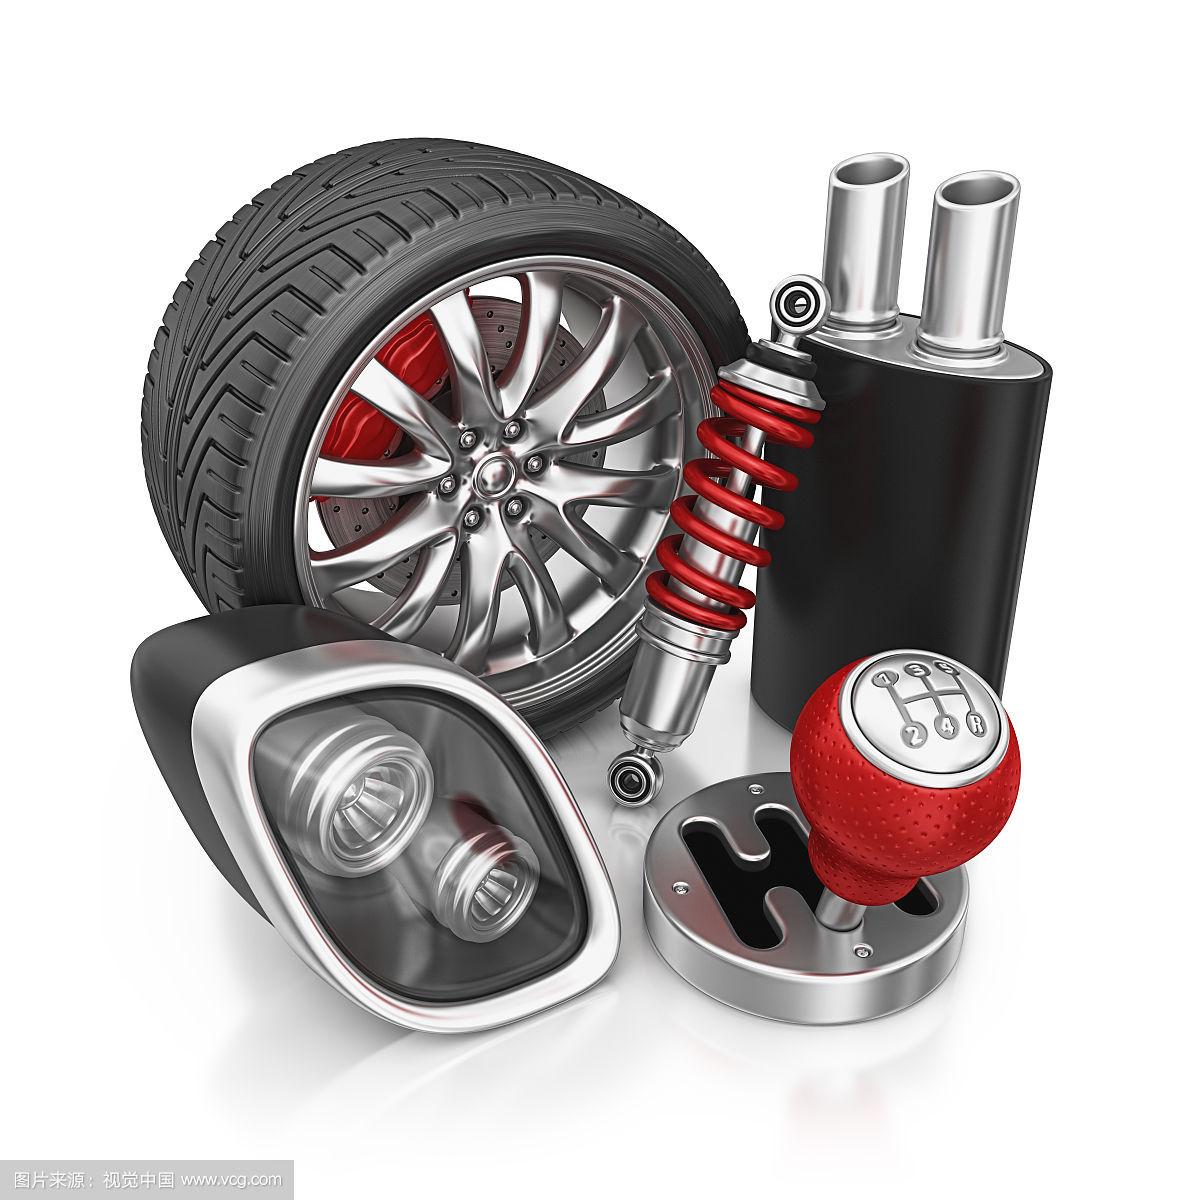 汽车零部件定制冲压模具制造钣金件五金件冲压模具制造冲压件定制厂家 汽车零件